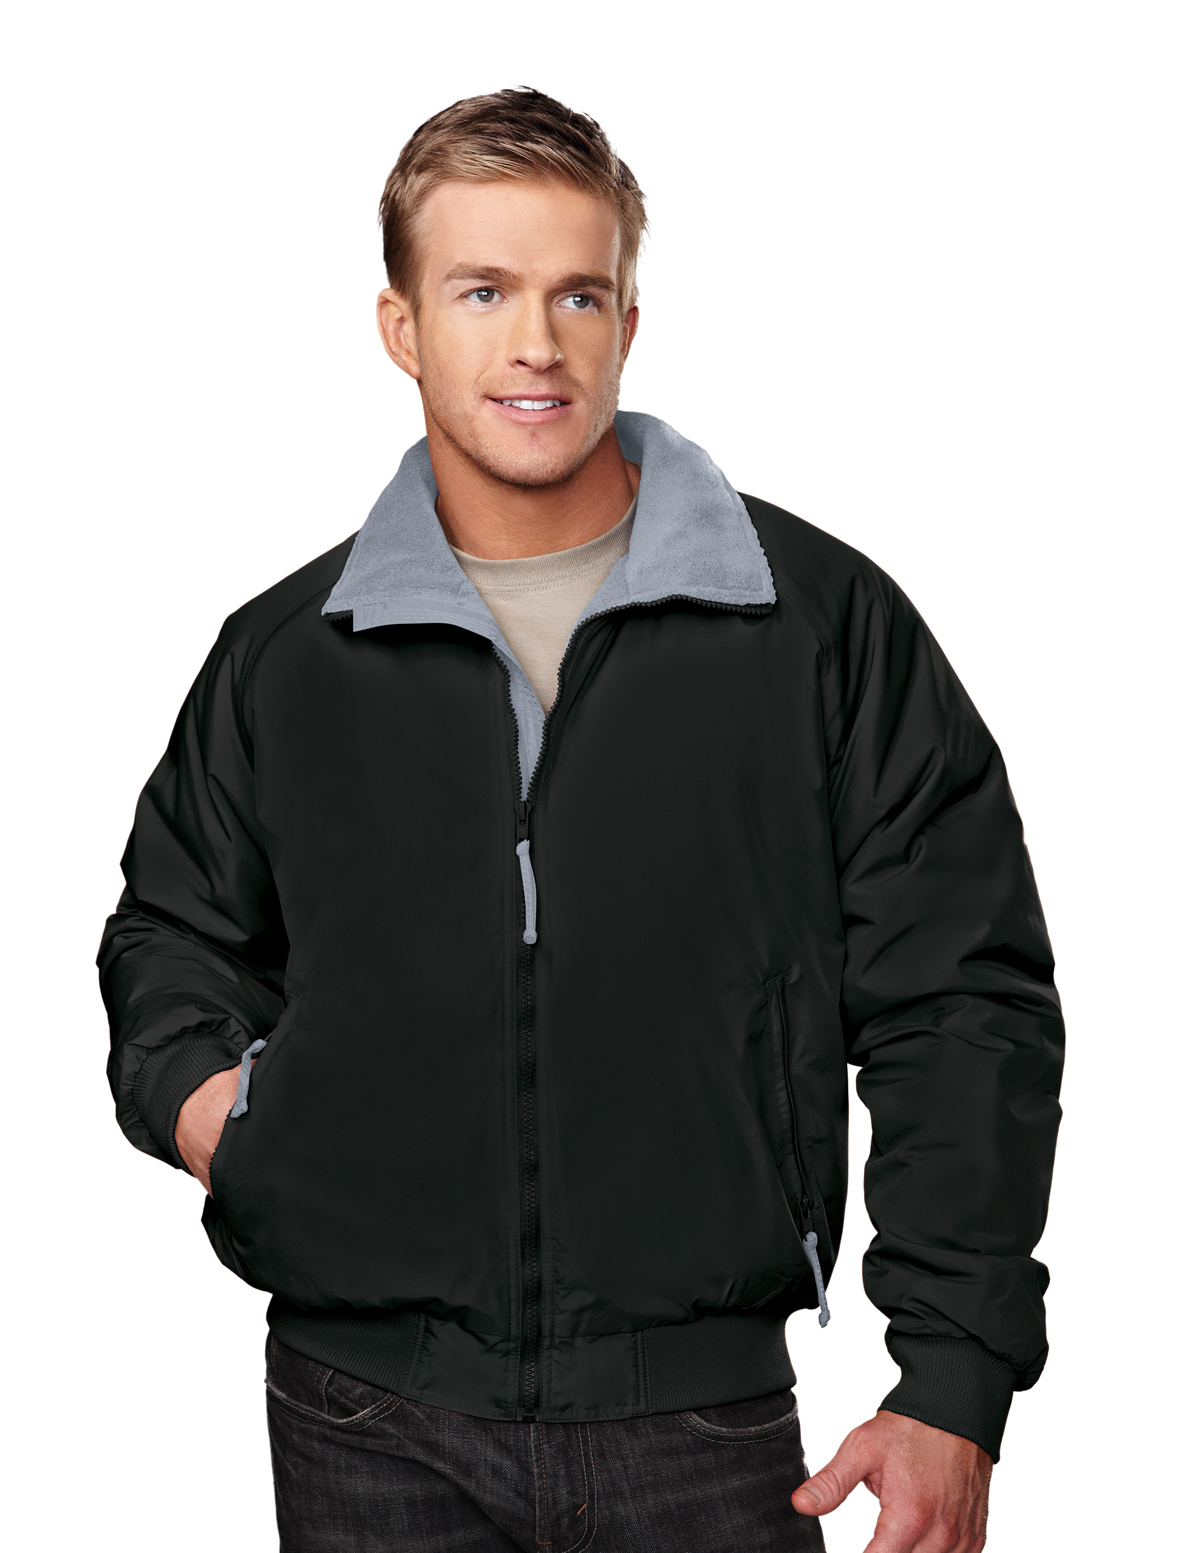 Tri-Mountain Mountaineer 8800 Nylon 3 Season Jacket, 2X-Large, Black/Black